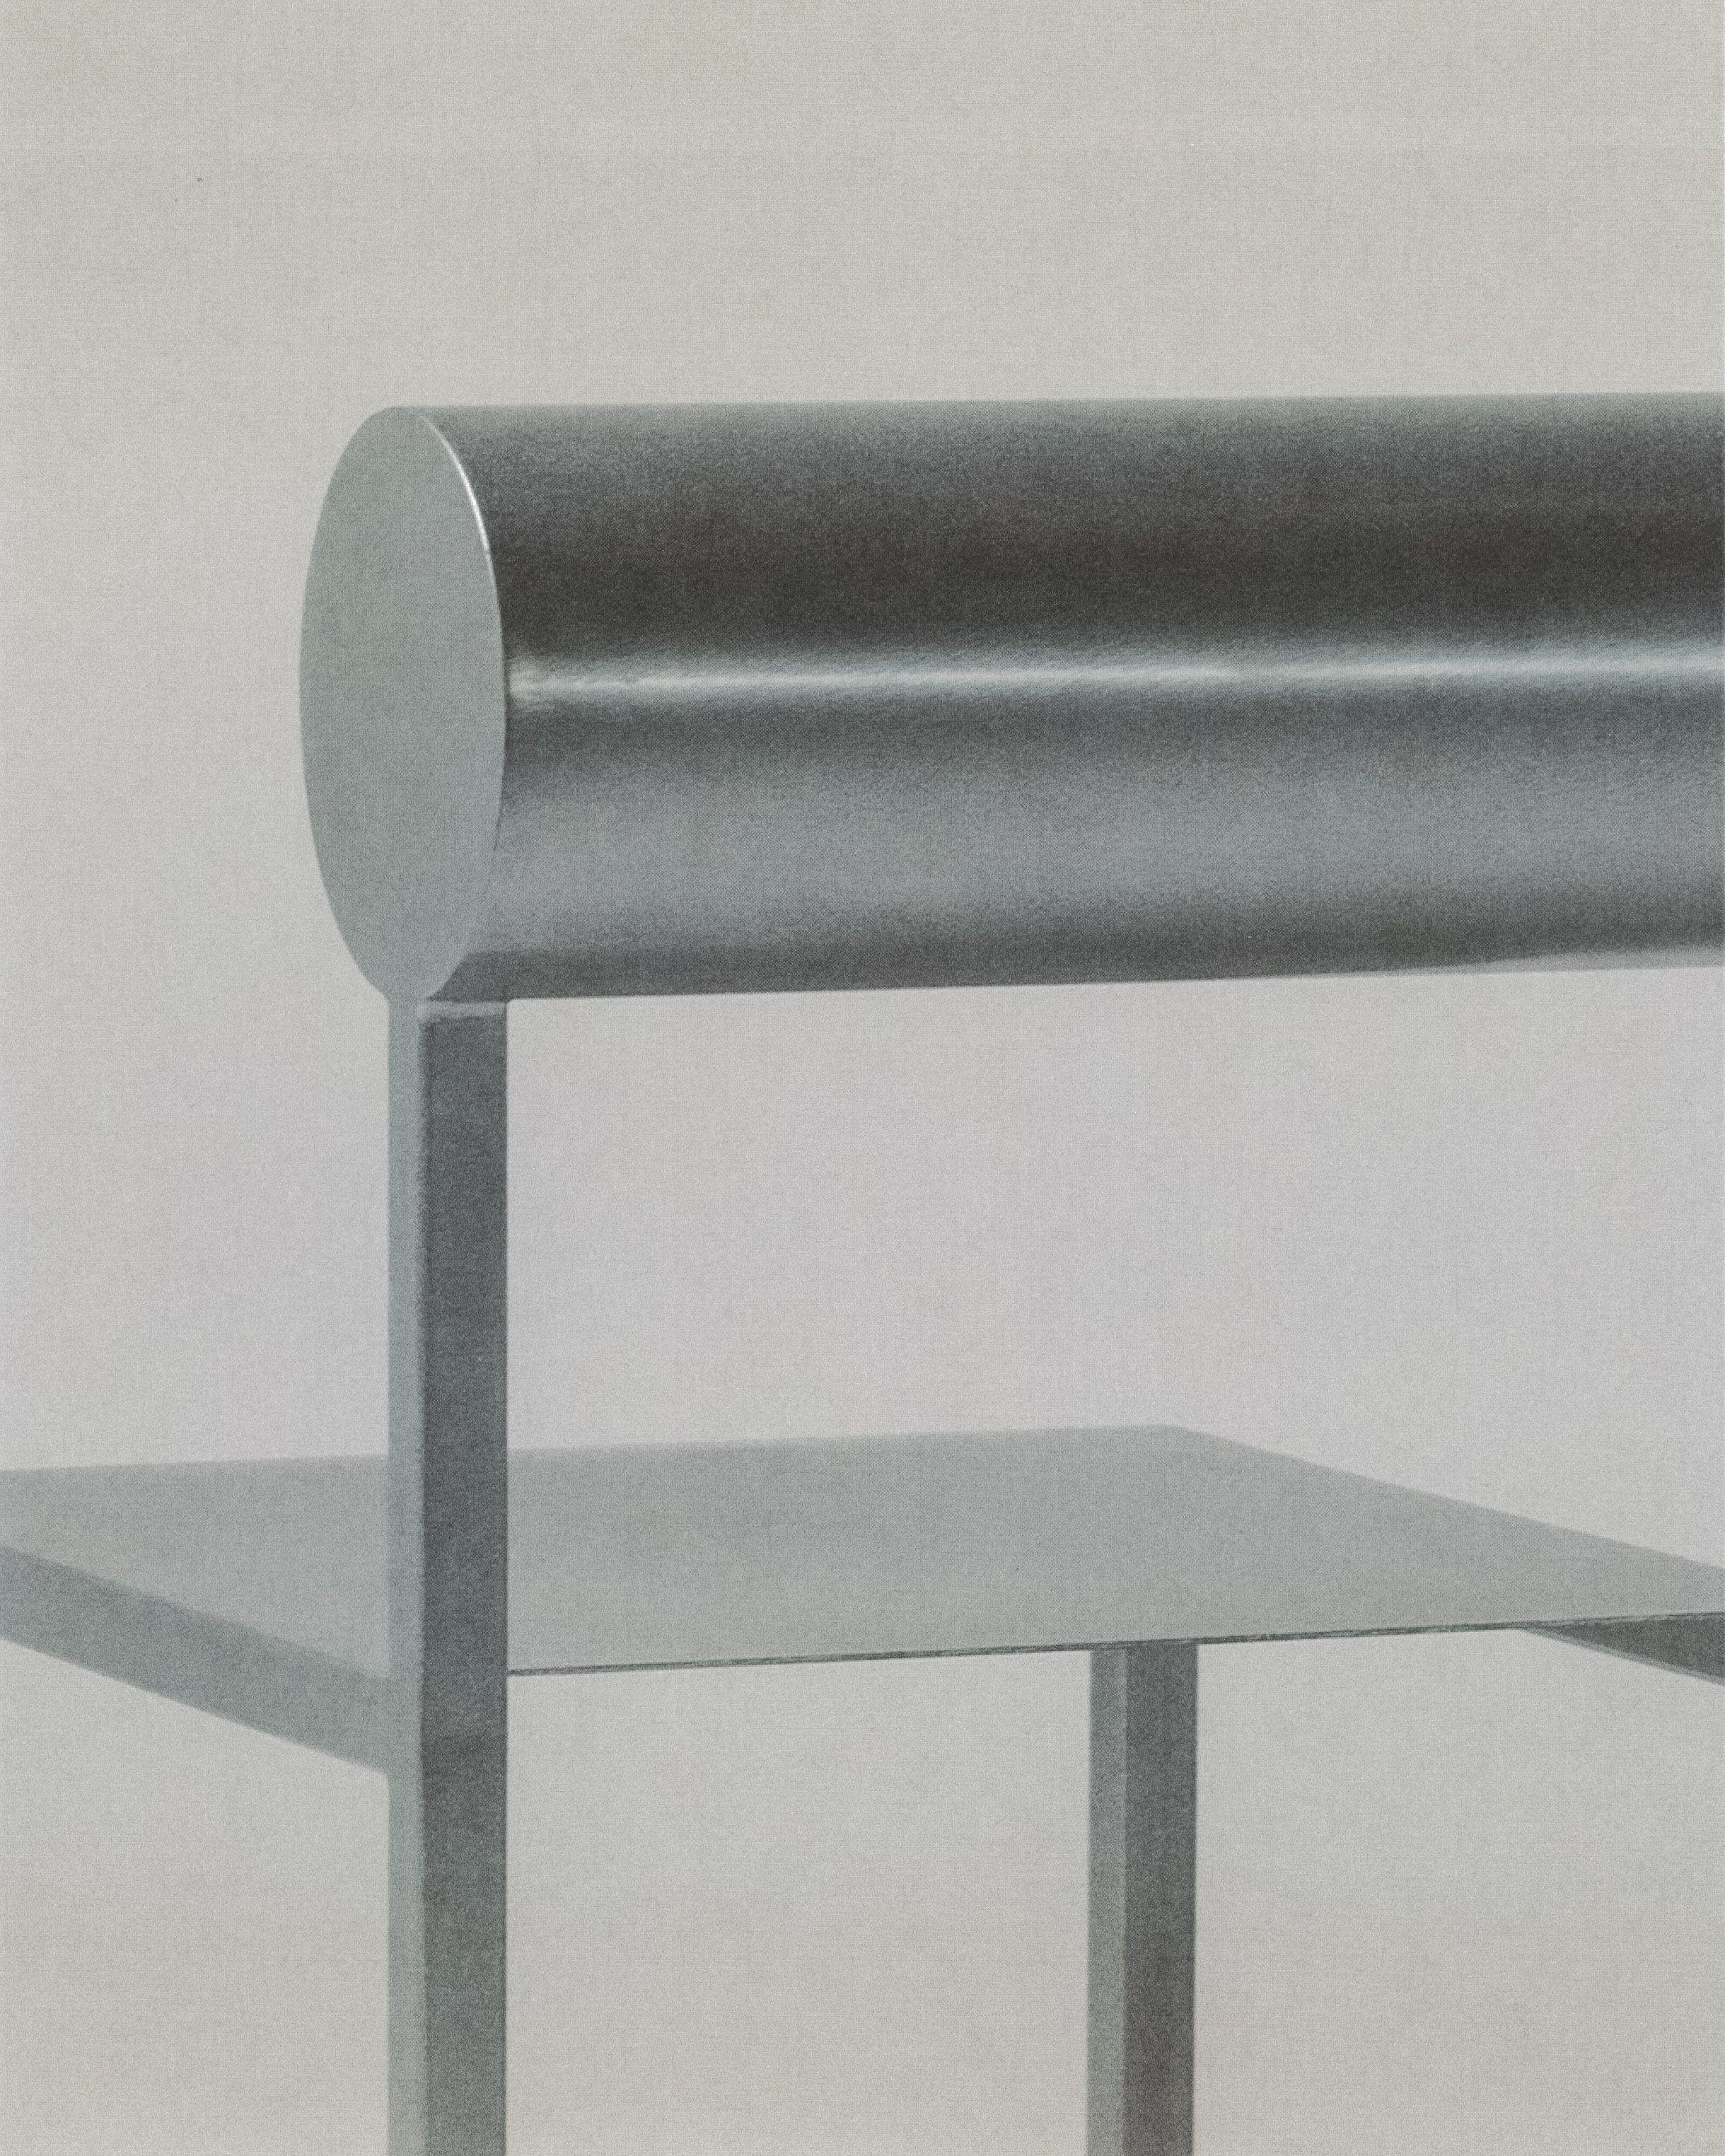 Cylinder Back Steel product image 5